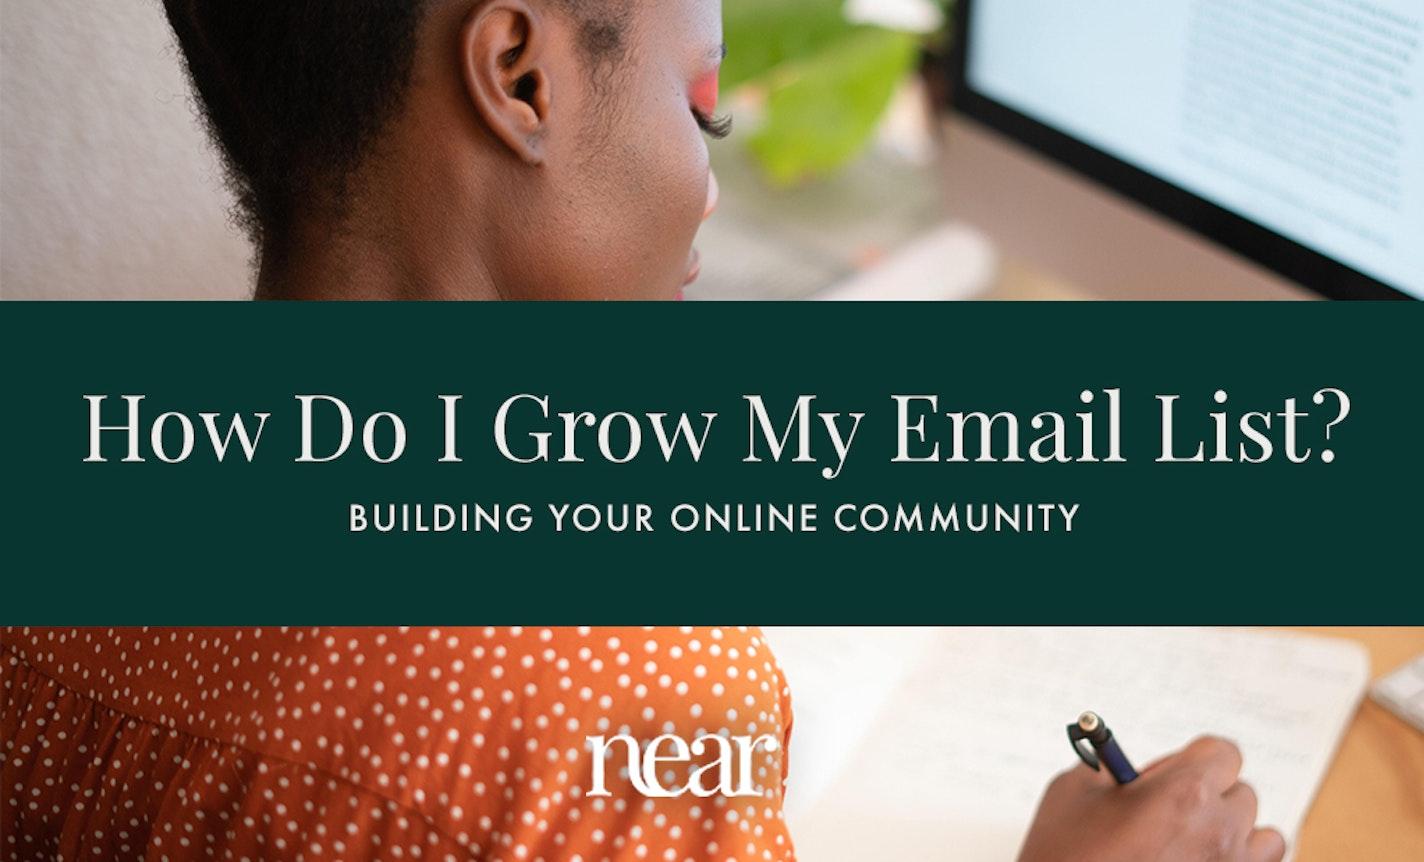 How Do I Grow My Email List?